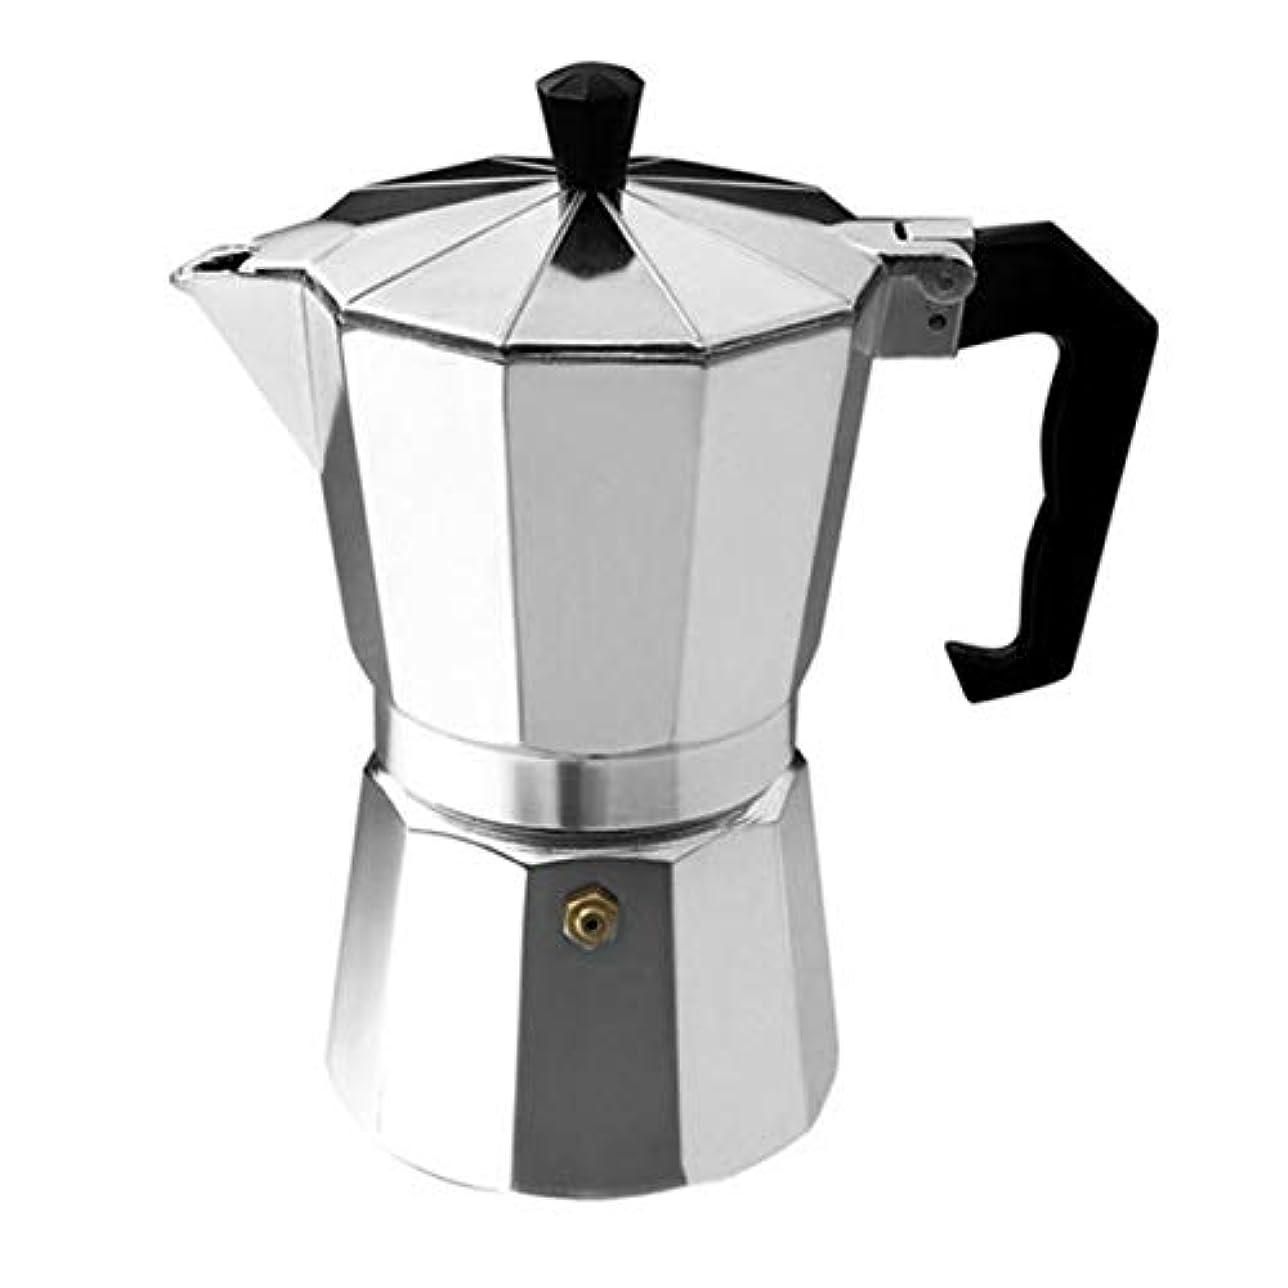 せっかち維持操作Saikogoods アルミ8アングル真岡ポットエスプレッソストーブトップのコーヒーメーカーモカエスプレッソカップコンチネンタル真岡パーコレーターポット3cup / 6cup 銀色の 6カップ